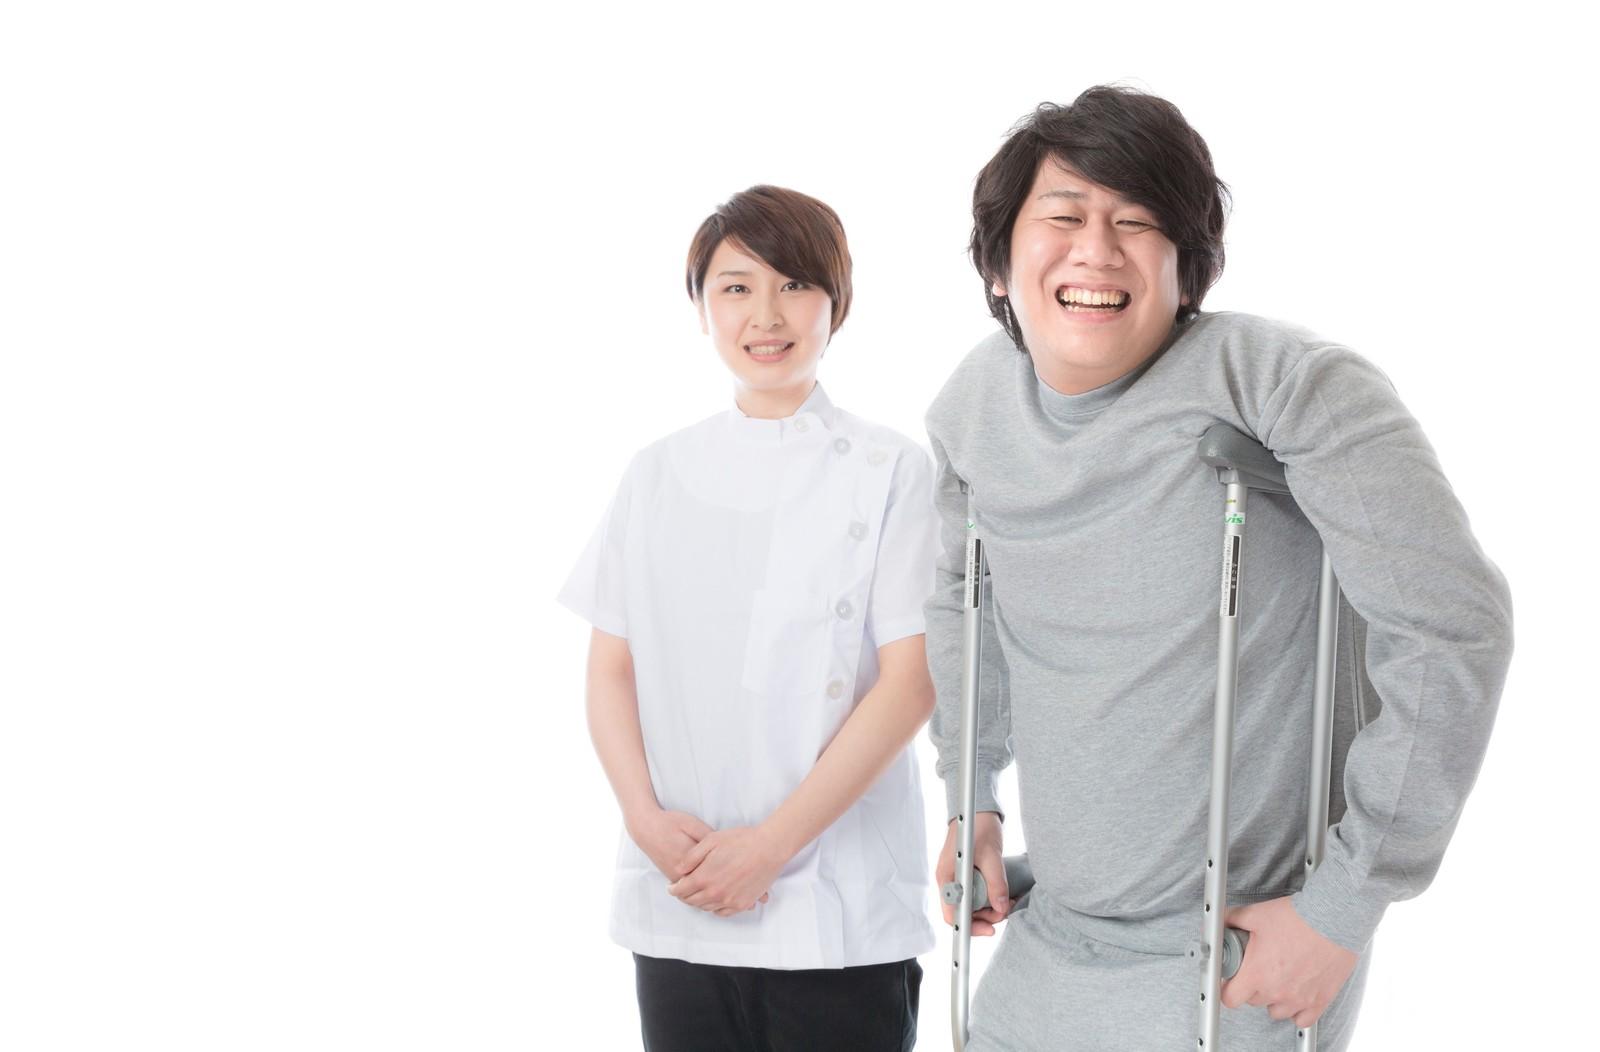 【体験談】入院する時にあると役に立つ便利グッズ【ガチ話】